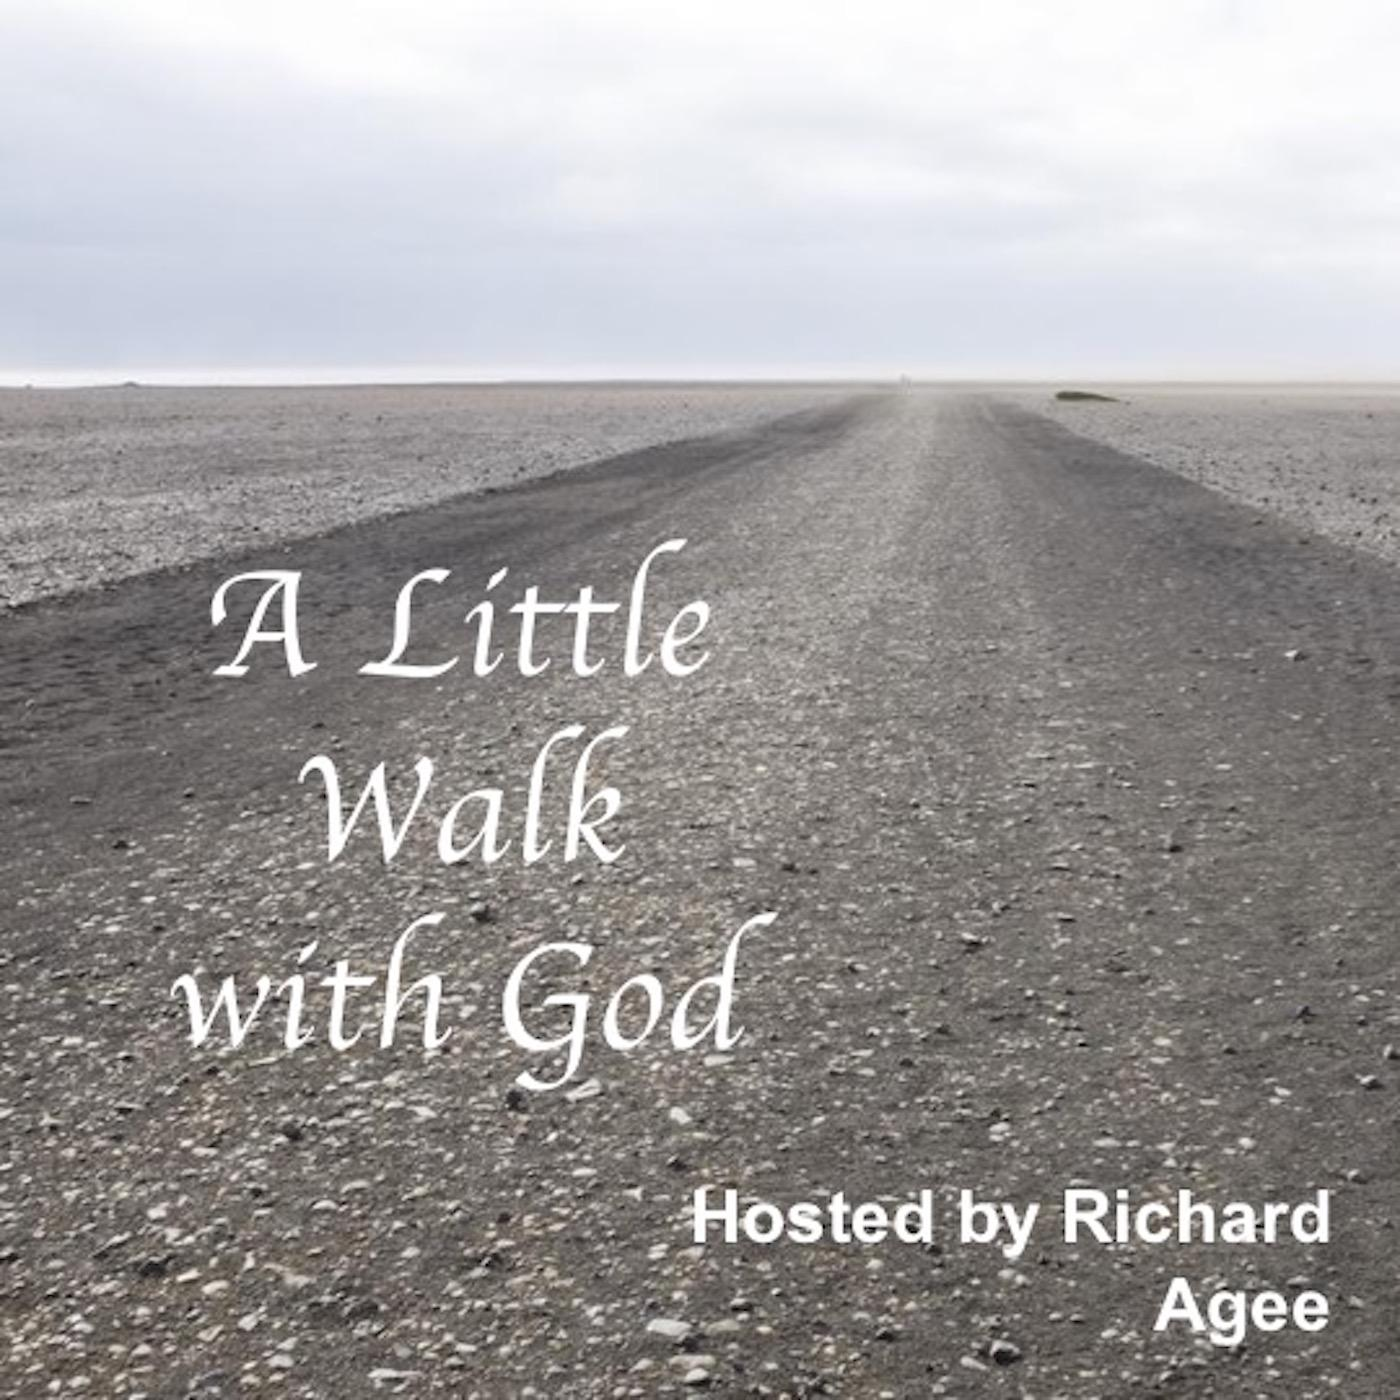 Artwork for Please God and work for Him - Episode 340, December 6, 2015